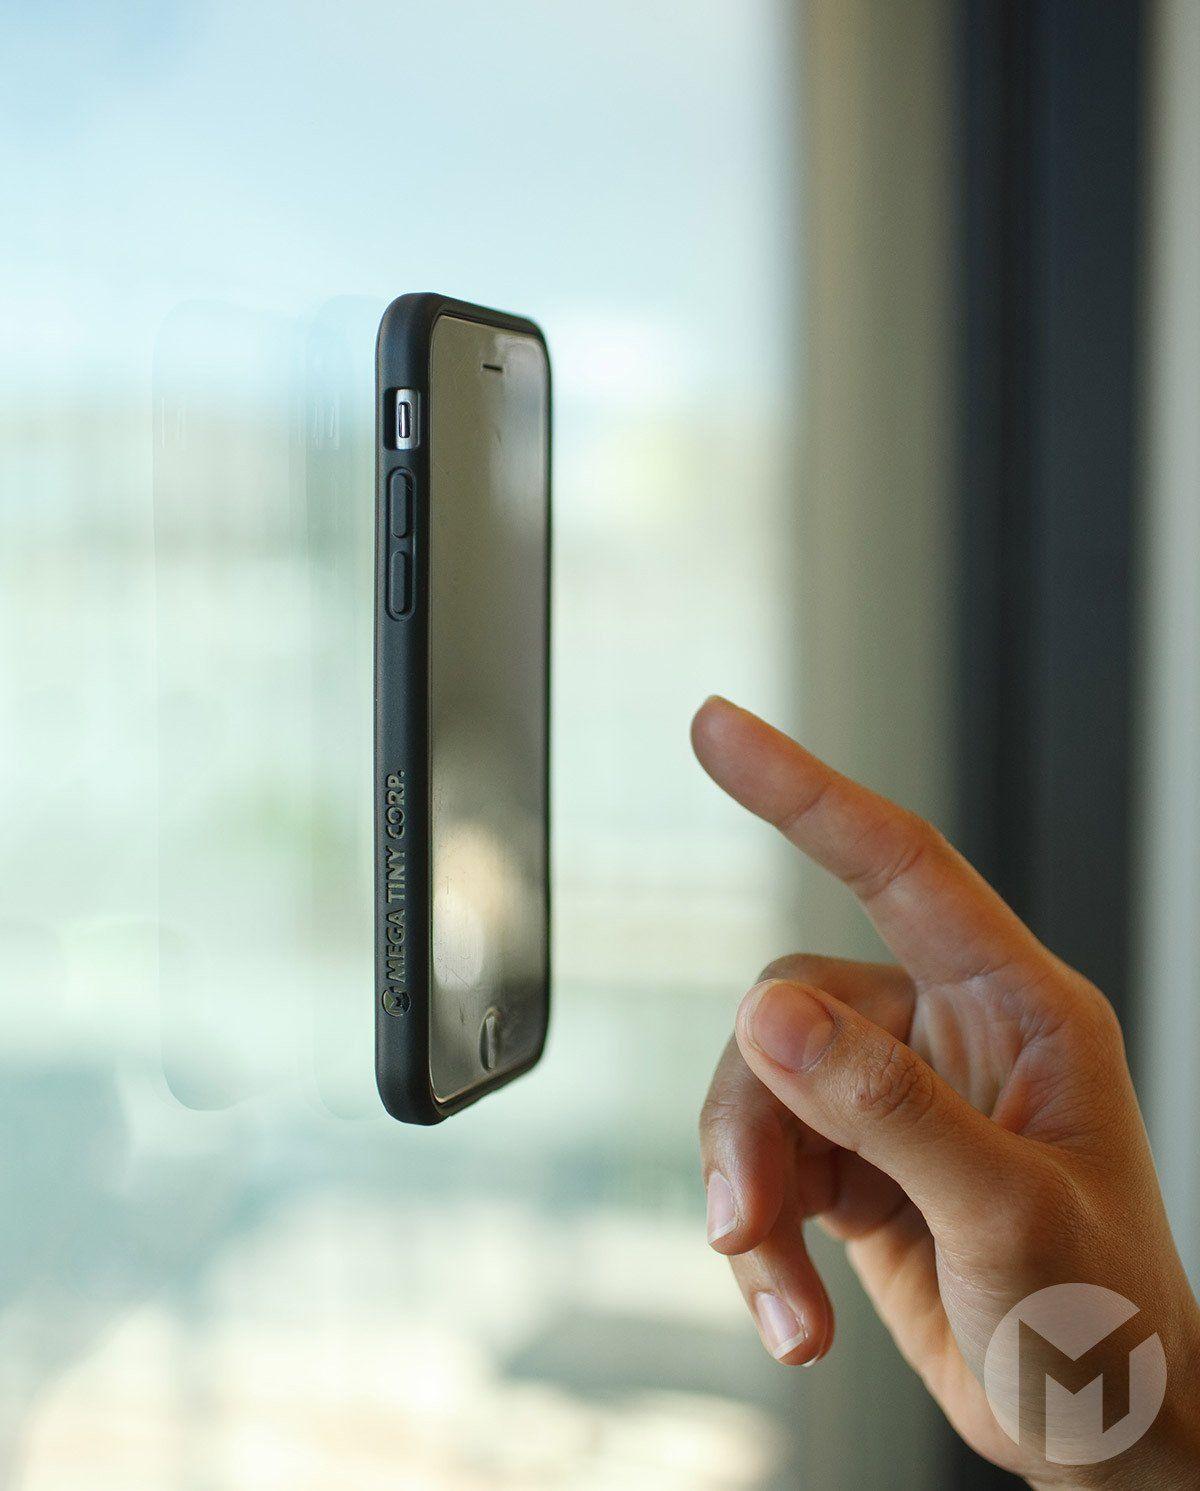 coque anti gravite iphone 6 plus